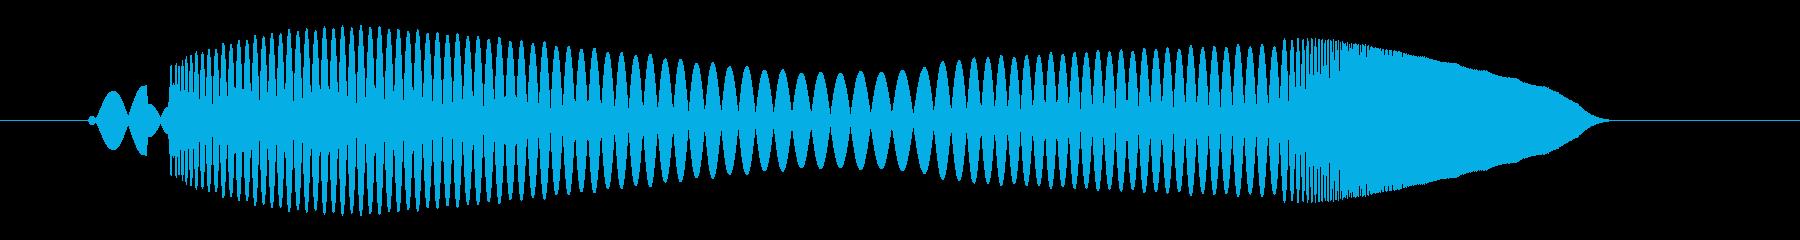 プ〜ンワ(落着いたボタンプッシュ音)の再生済みの波形